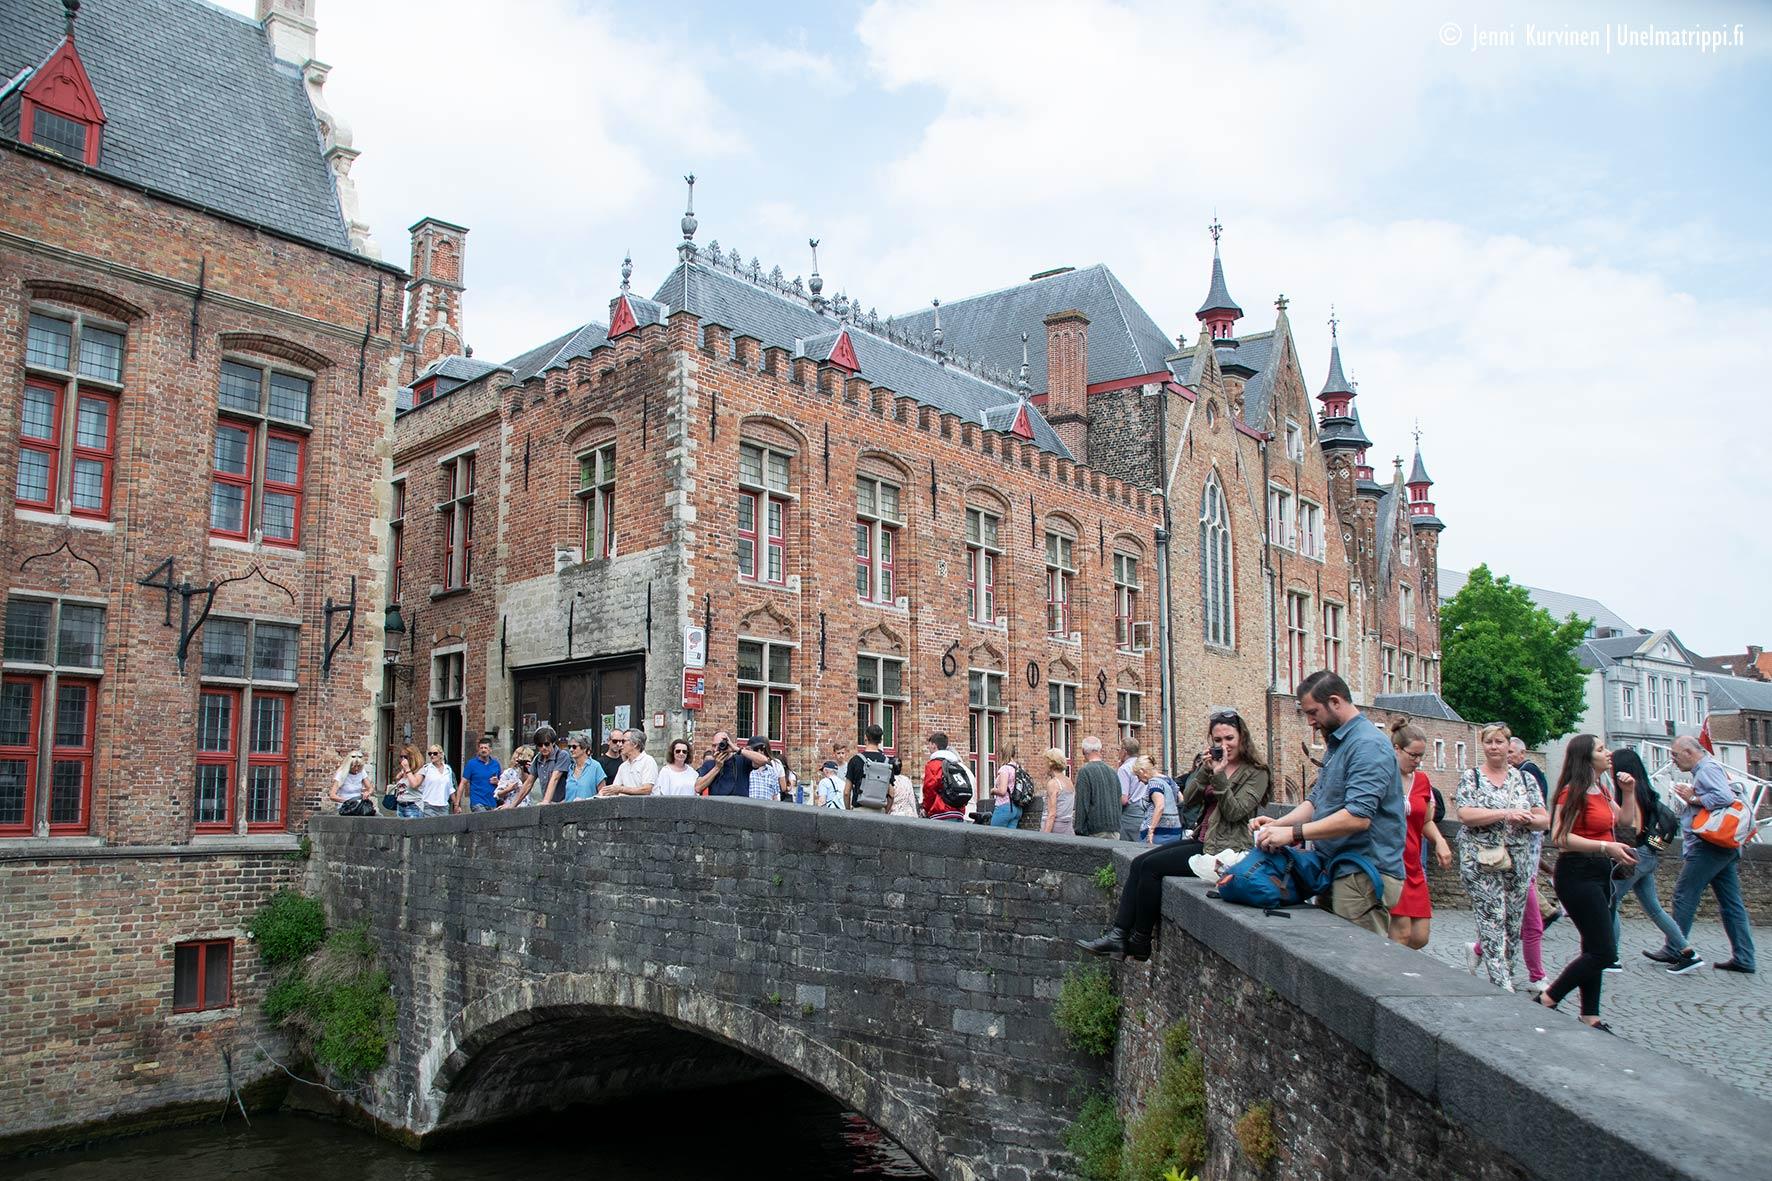 20181007-Unelmatrippi-Brugge-DSC0816